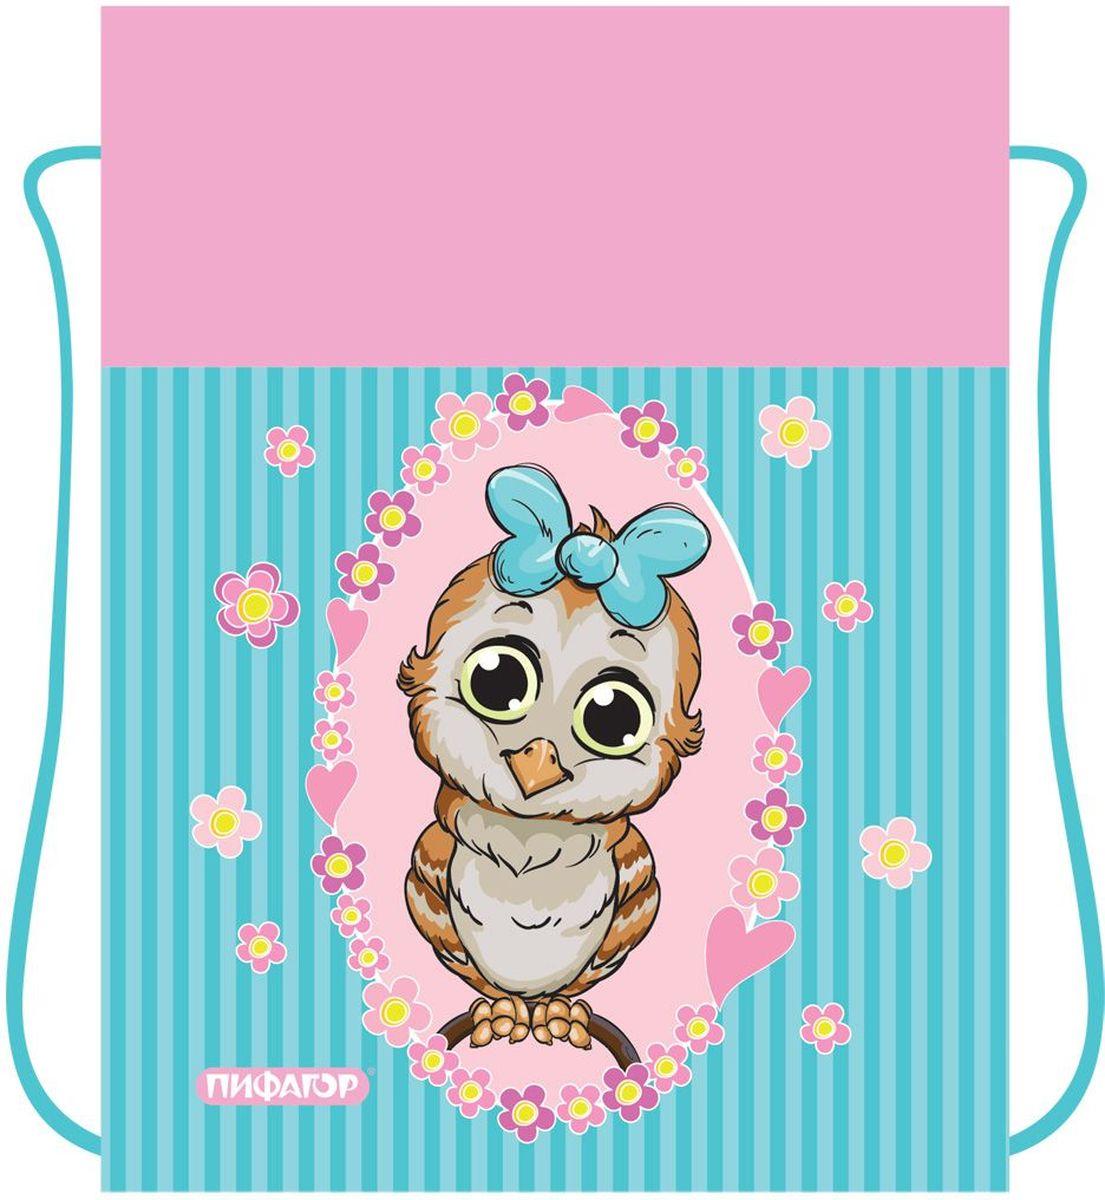 Пифагор Сумка для детской обуви Сова цвет голубой730396Сумка для обуви Пифагор предназначена для детей 7-10 лет. Вместительная сумка затягивается шнурком. Яркий тематический принт поможет школьнику проявить индивидуальность.Водоотталкивающая пропитка ткани.